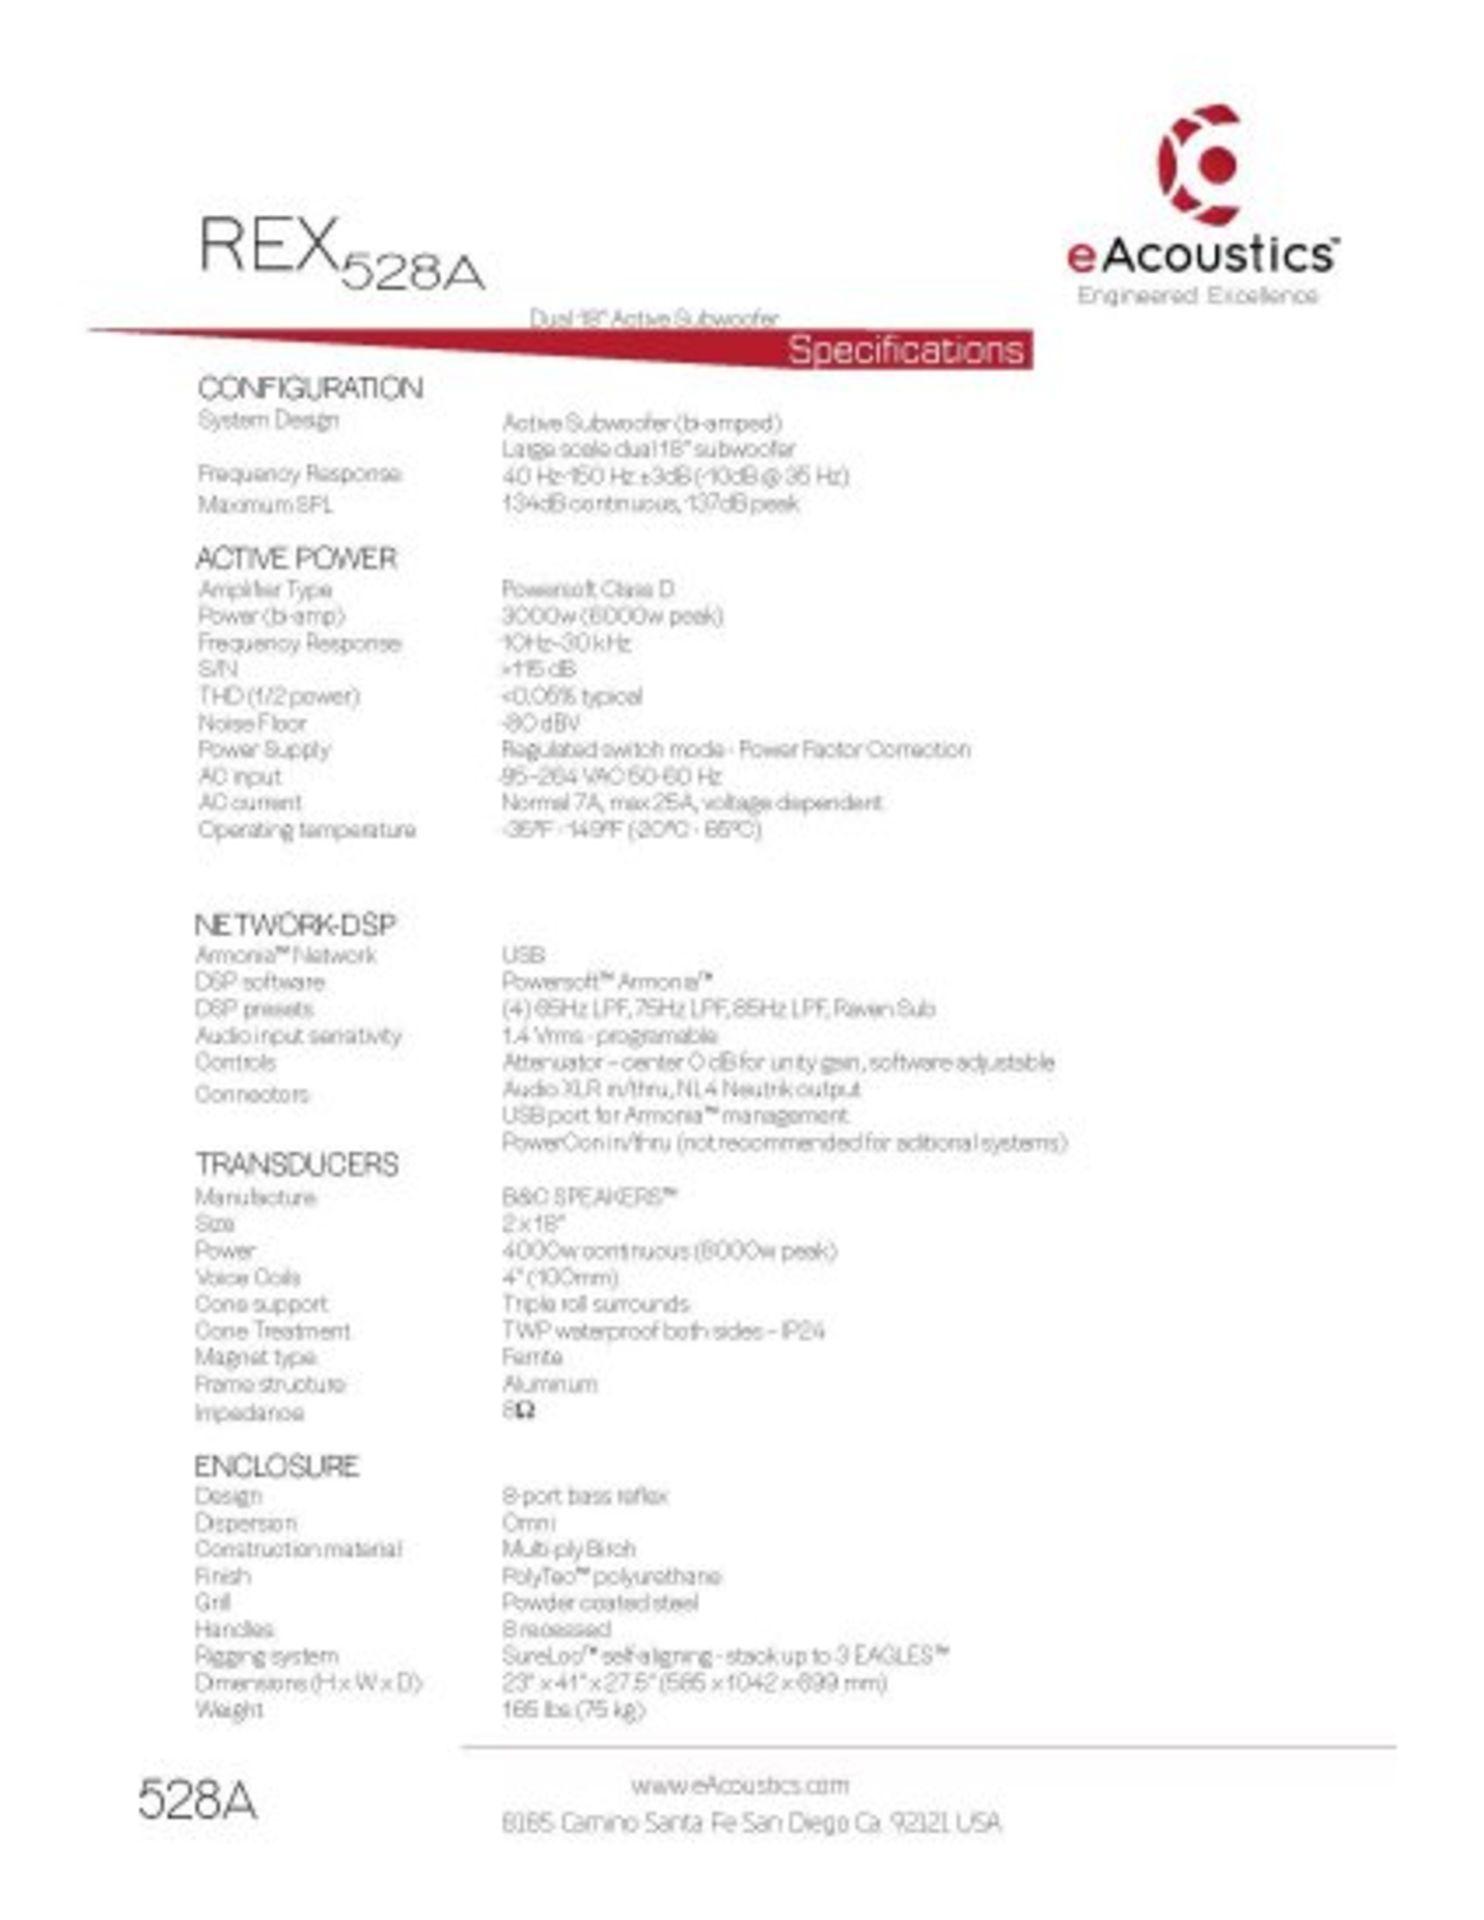 Lot 0N - REX528A DATA SHEET